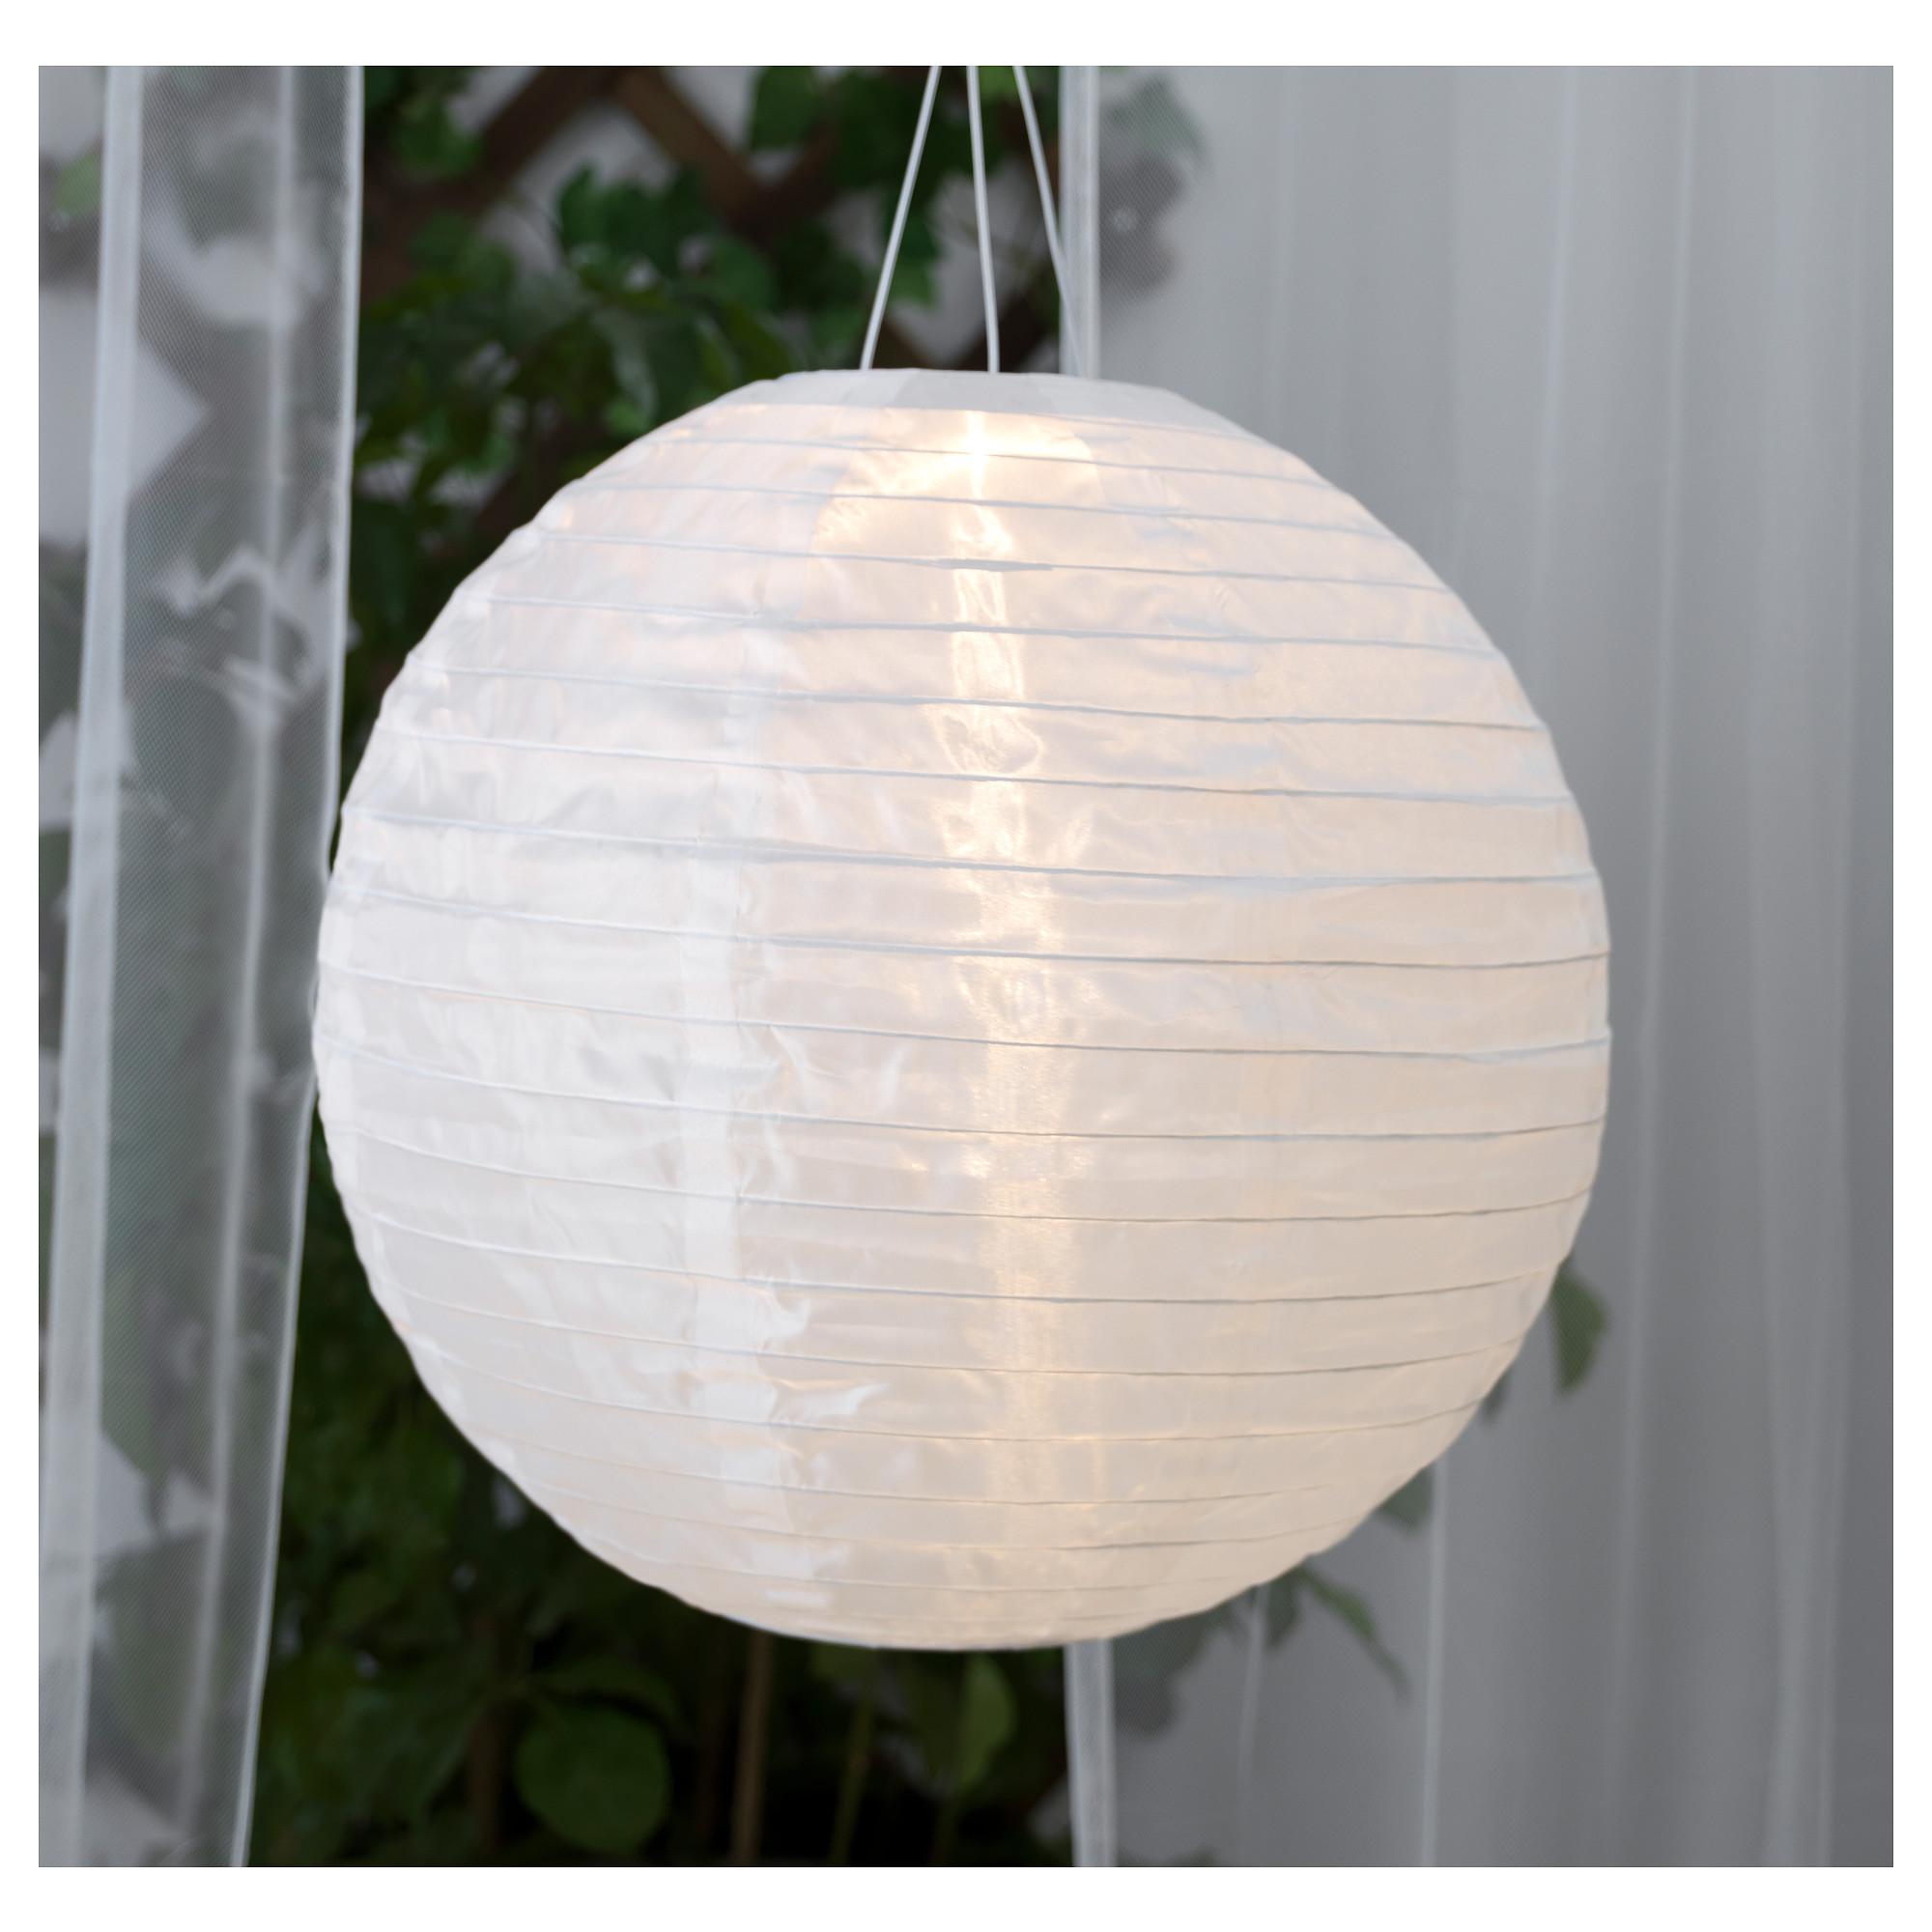 Подвесной светильник на солнечн батарея СОЛВИДЕН белый артикуль № 603.828.26 в наличии. Интернет каталог IKEA Беларусь. Недорогая доставка и монтаж.